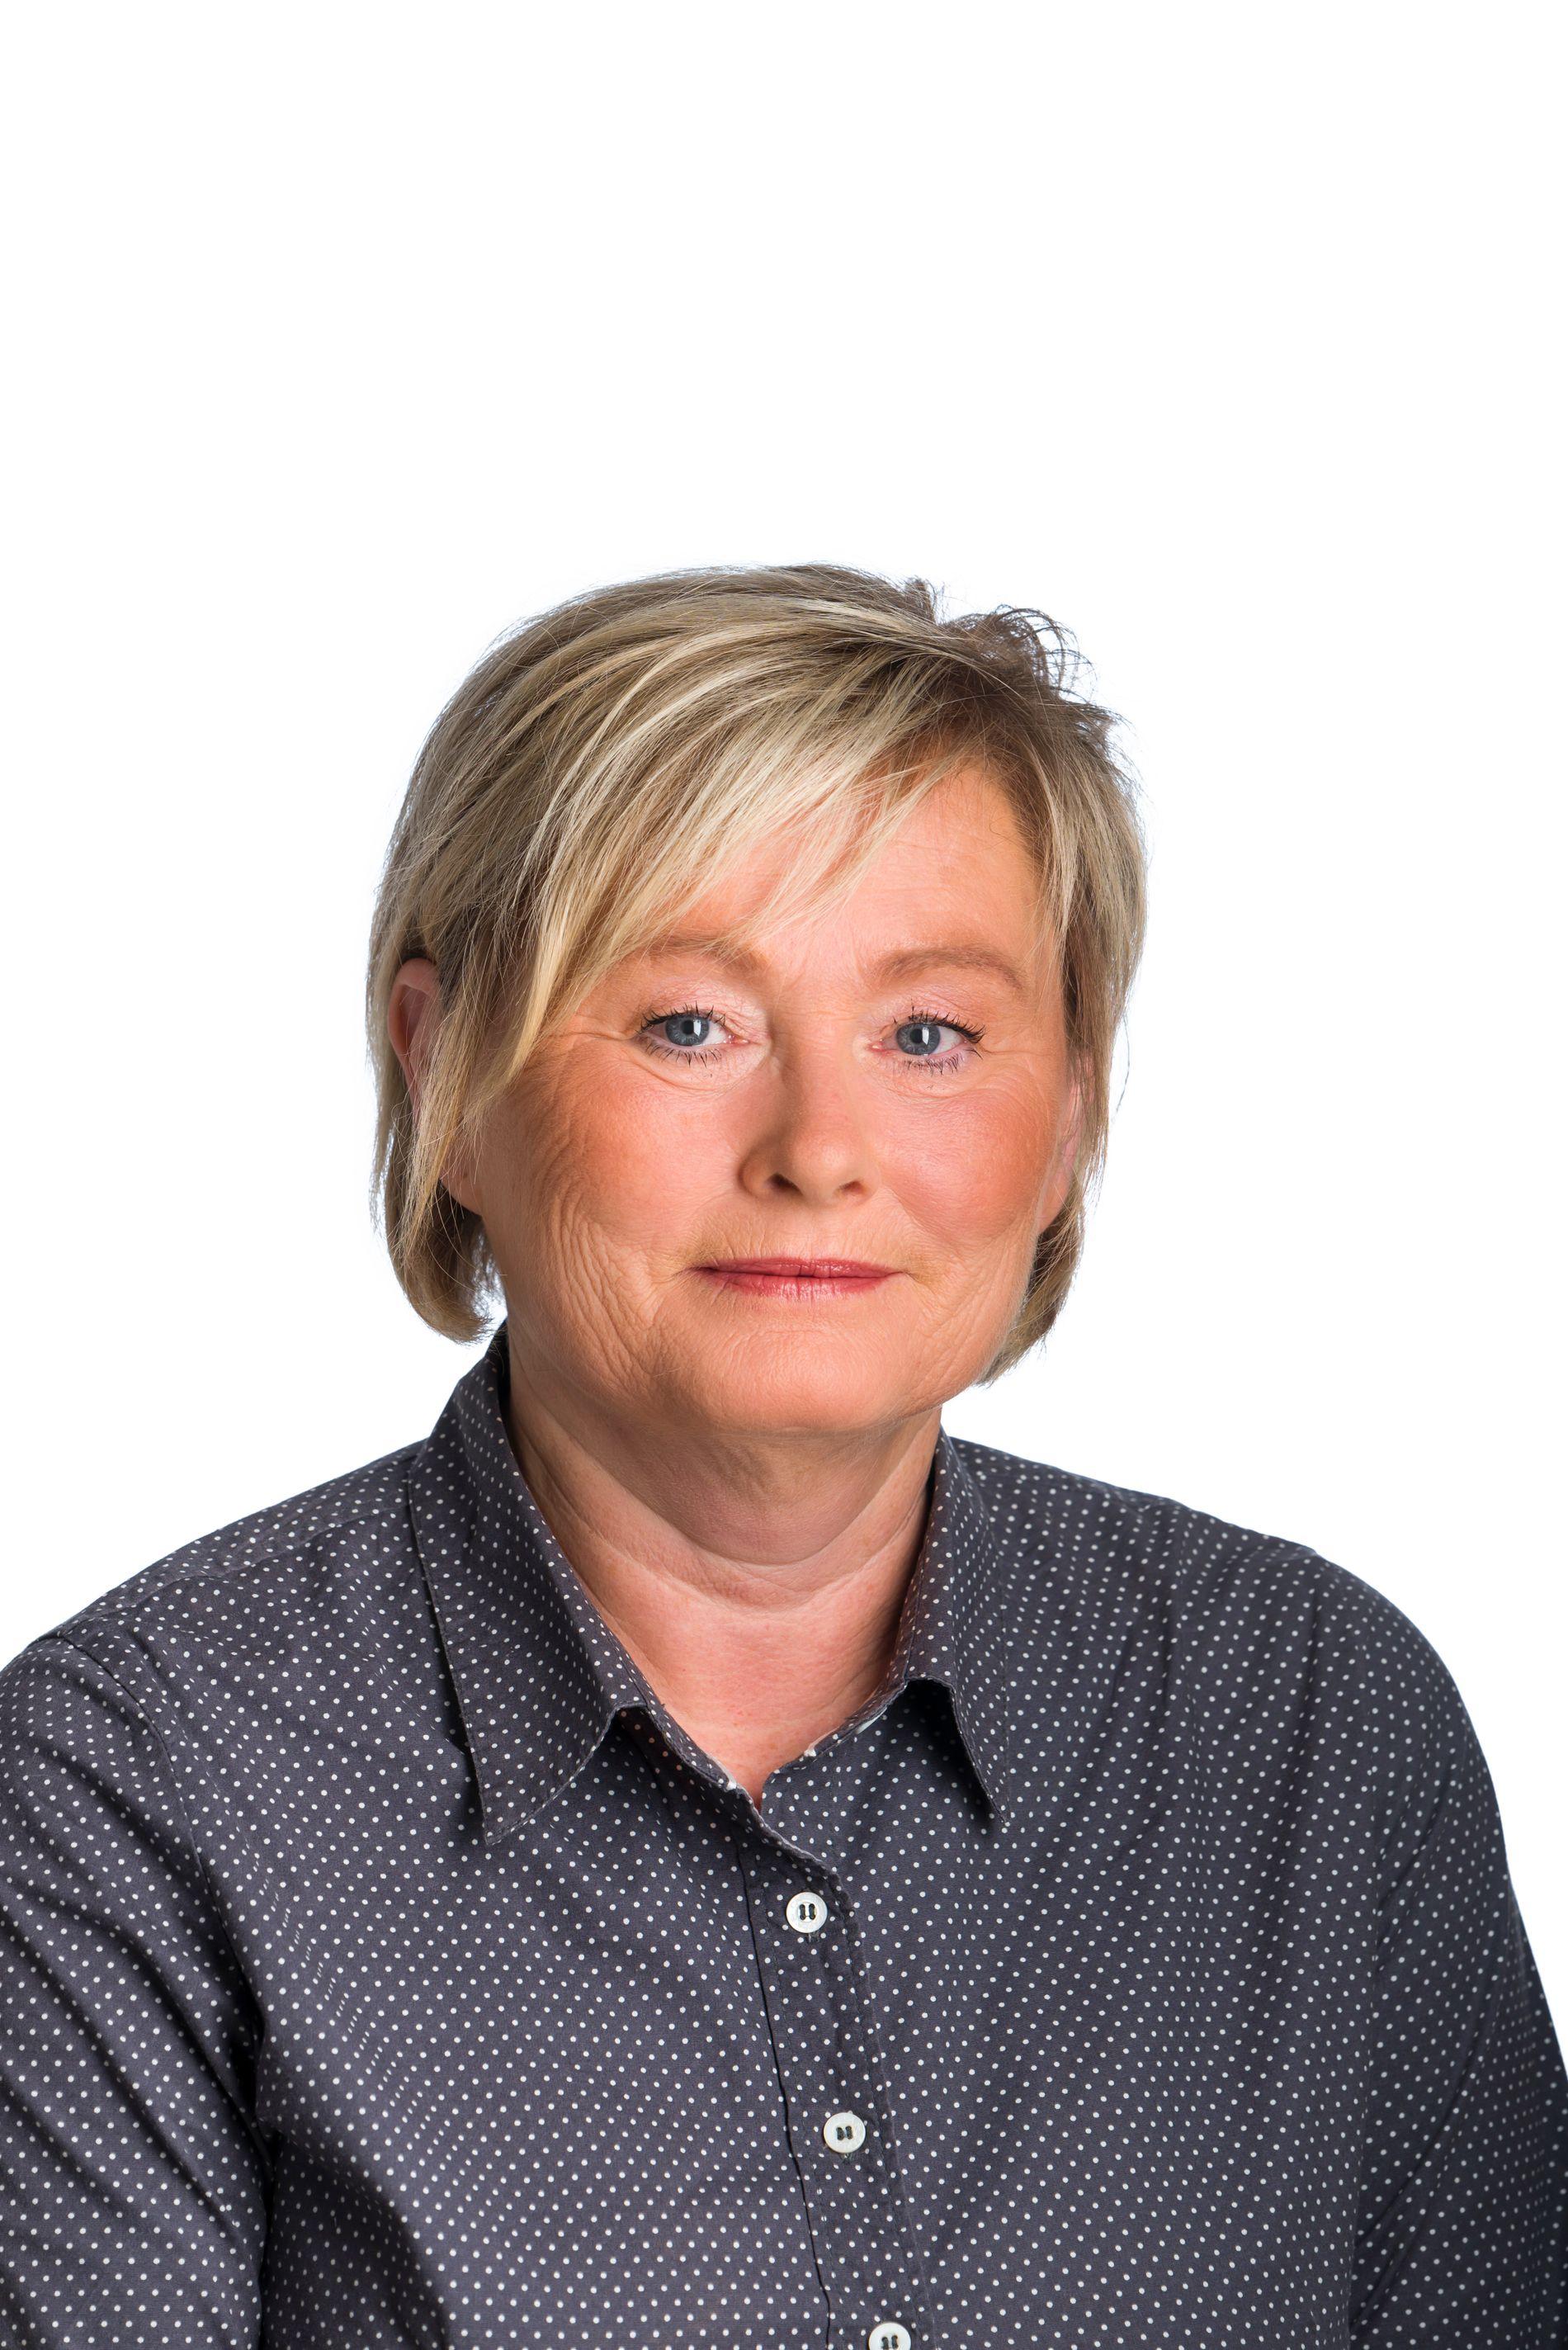 Bjørg Jortveit, Banking Director of Sparebanken Sør in Lillesand.